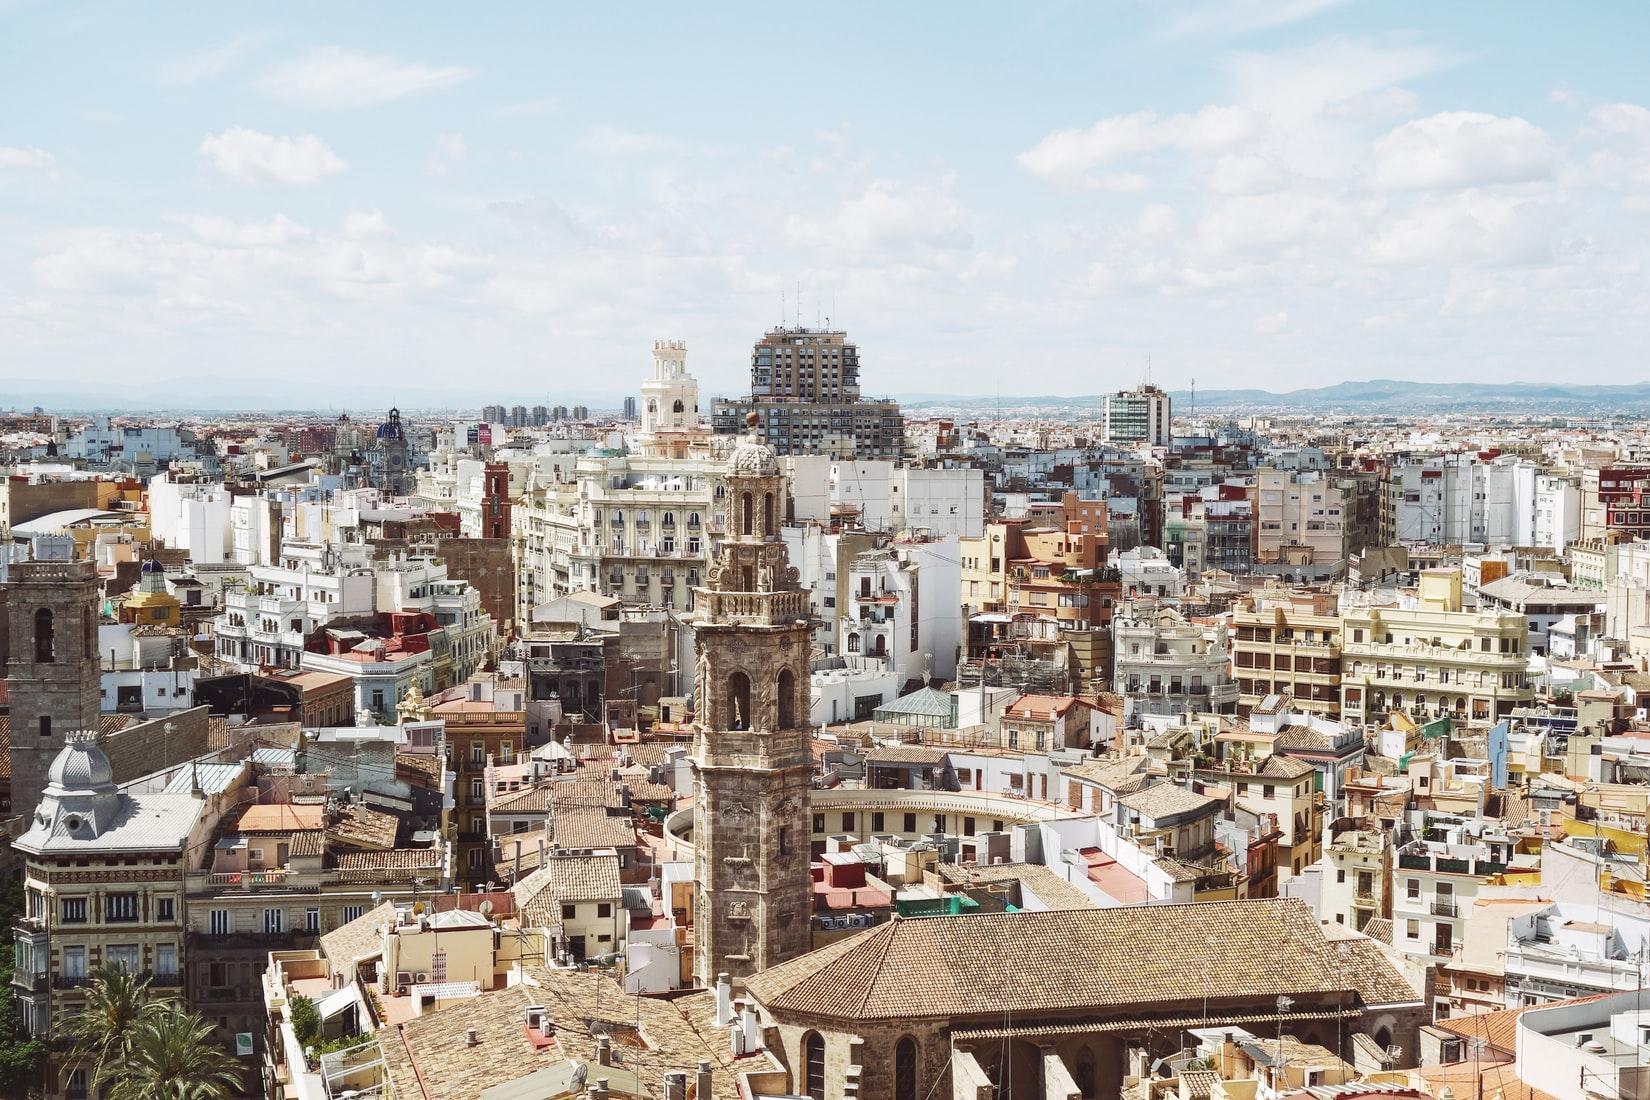 mercado residencial valencia ciudad